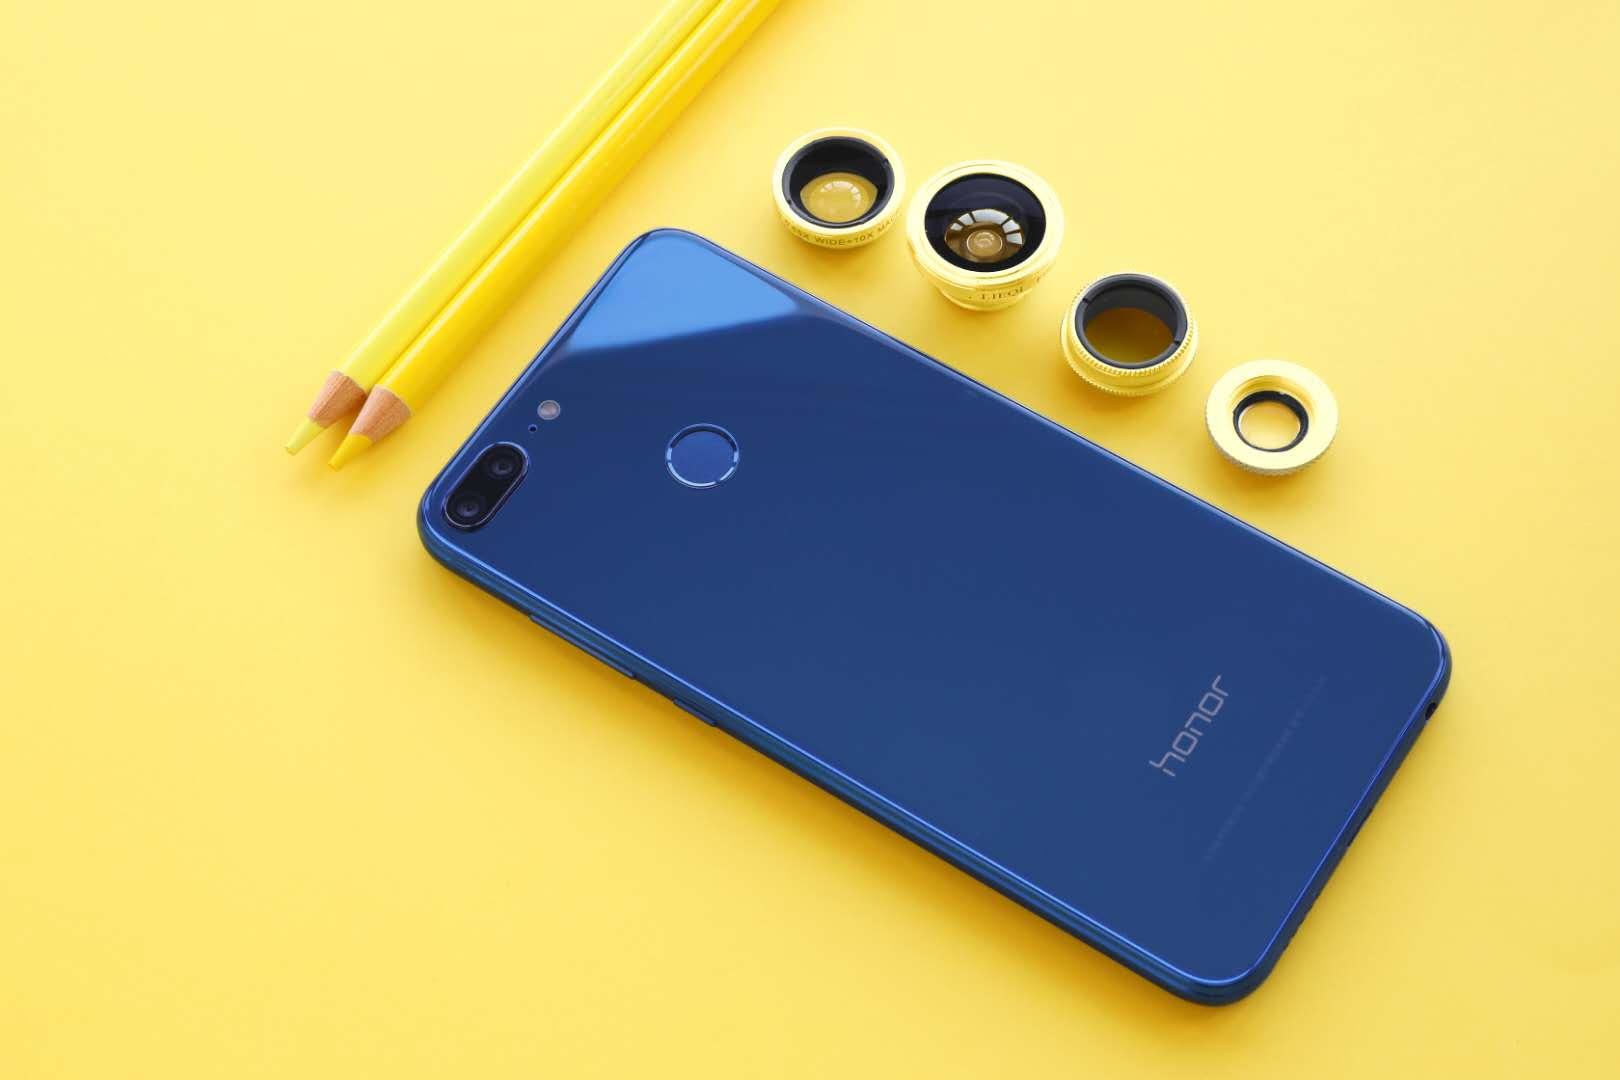 荣耀推出荣耀9青春版,豪言3年内进入全球智能手机top5